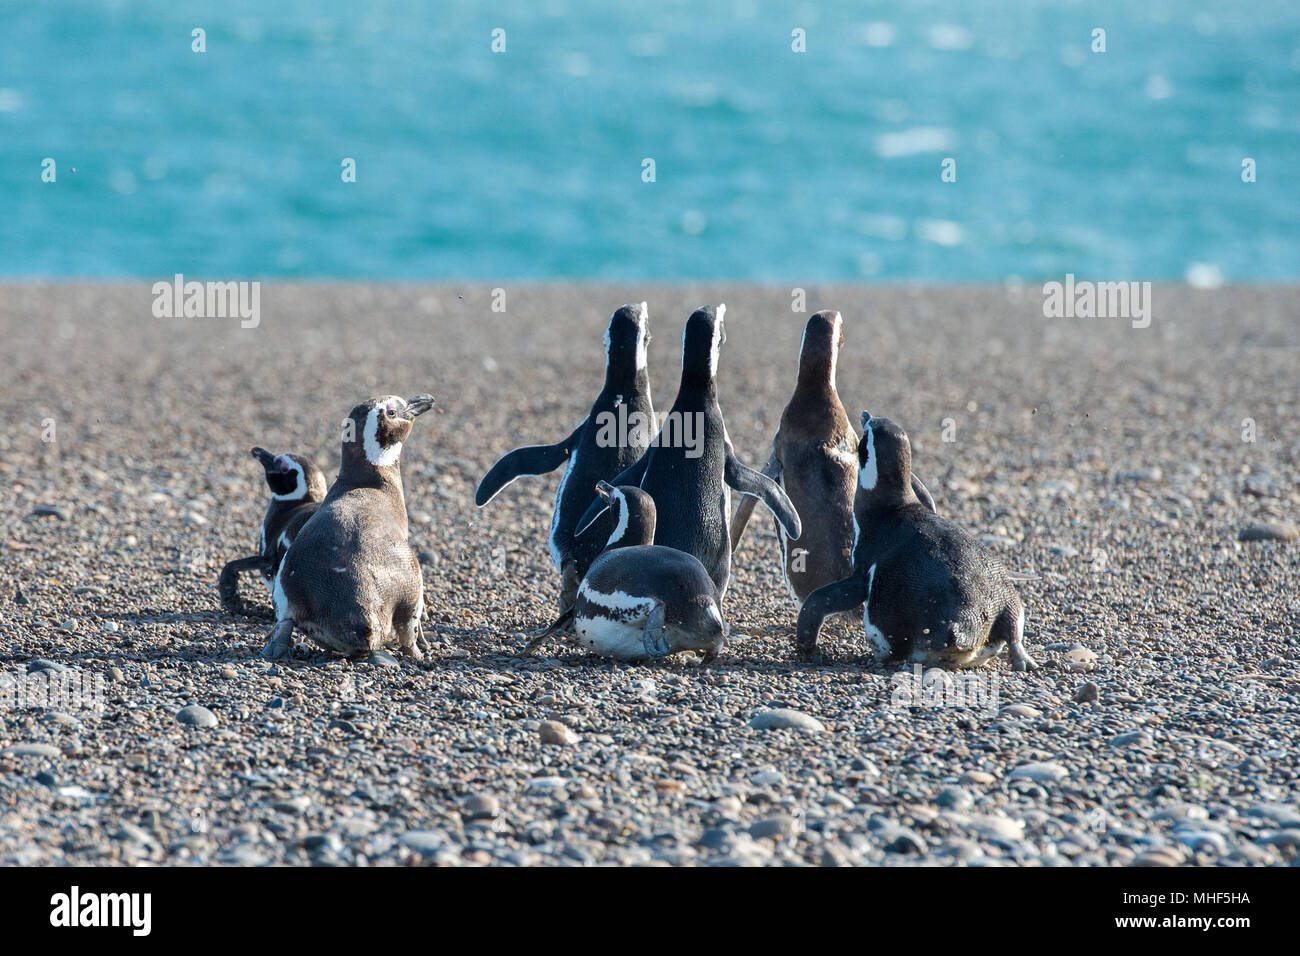 Patagonia penguin group mientras camina en la playa Foto de stock